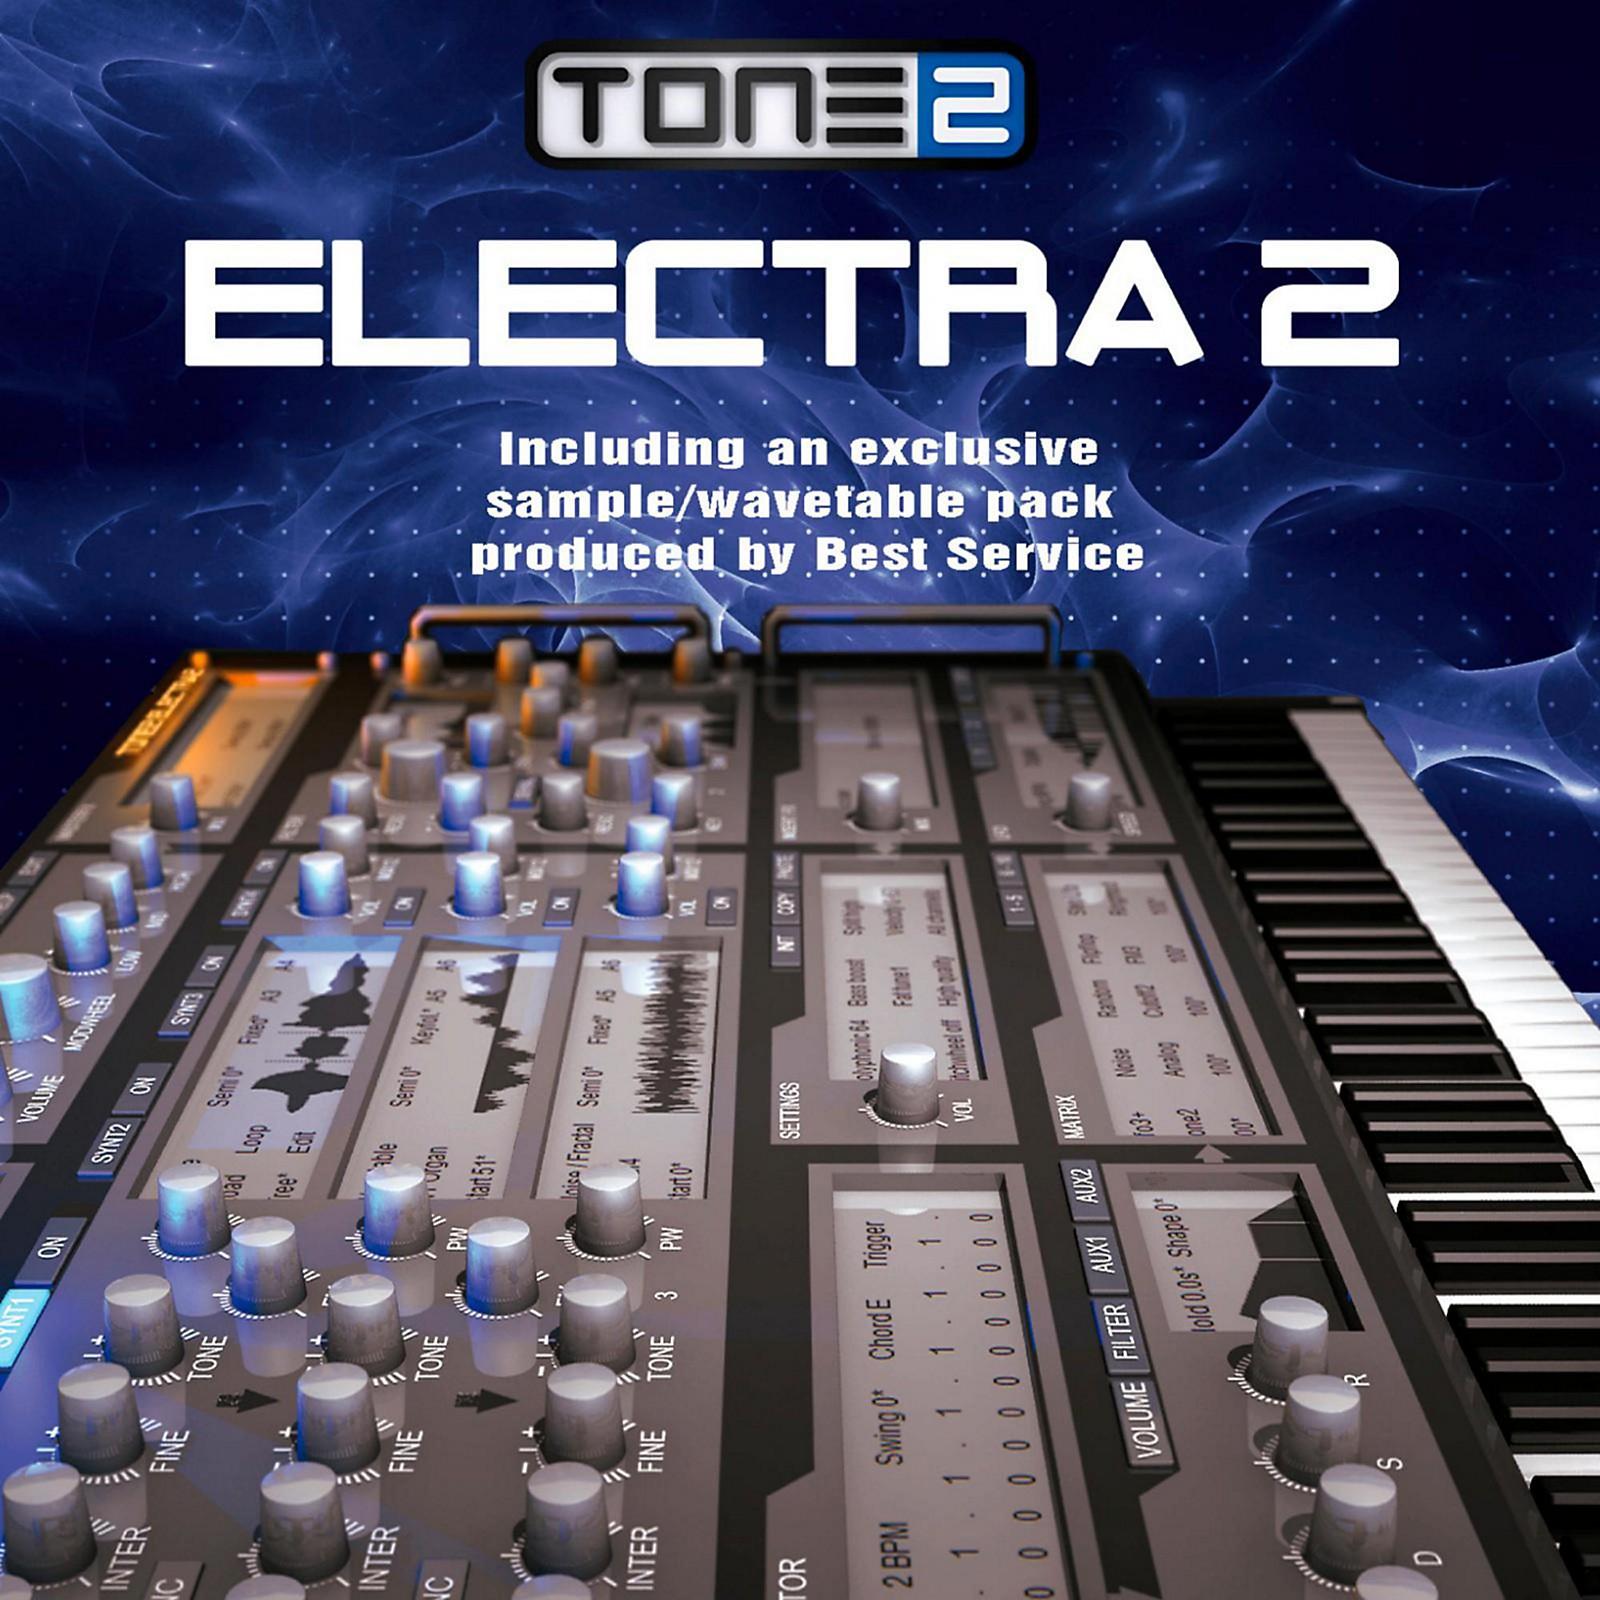 Tone2 Electra 2 Synthesizer